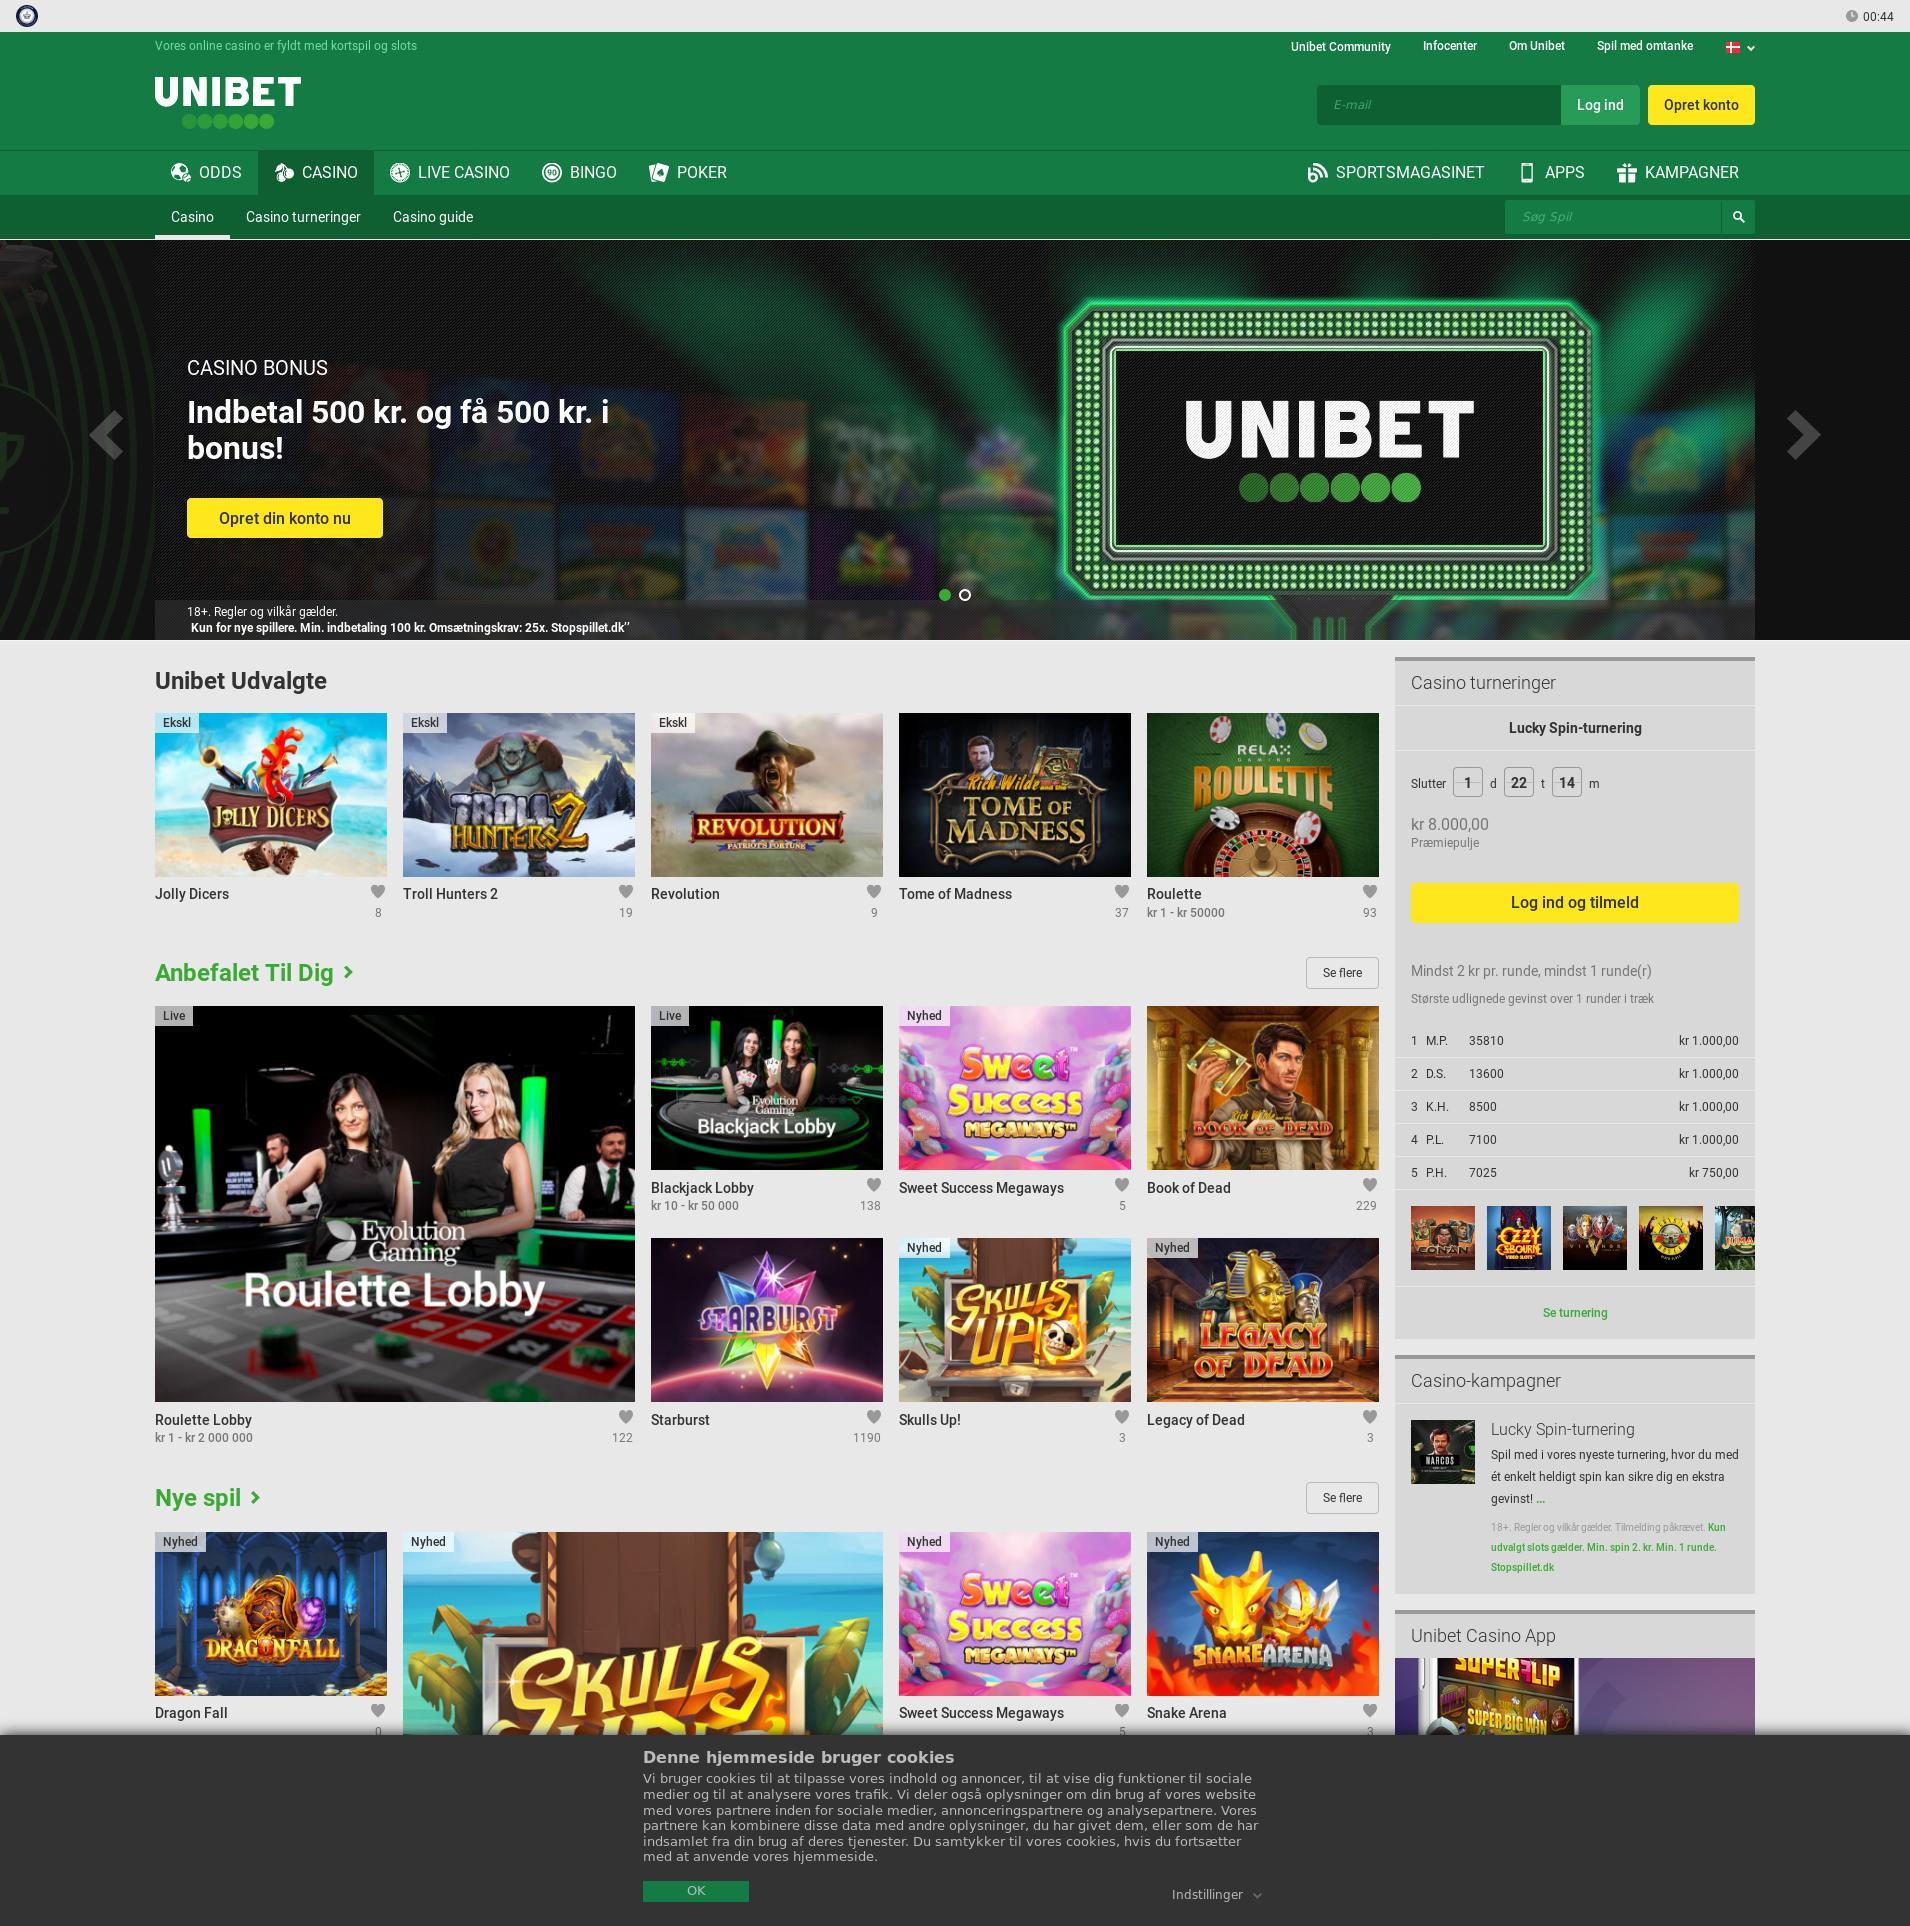 Casino Bildschirm Lobby 2020-01-20 zum Deutschland